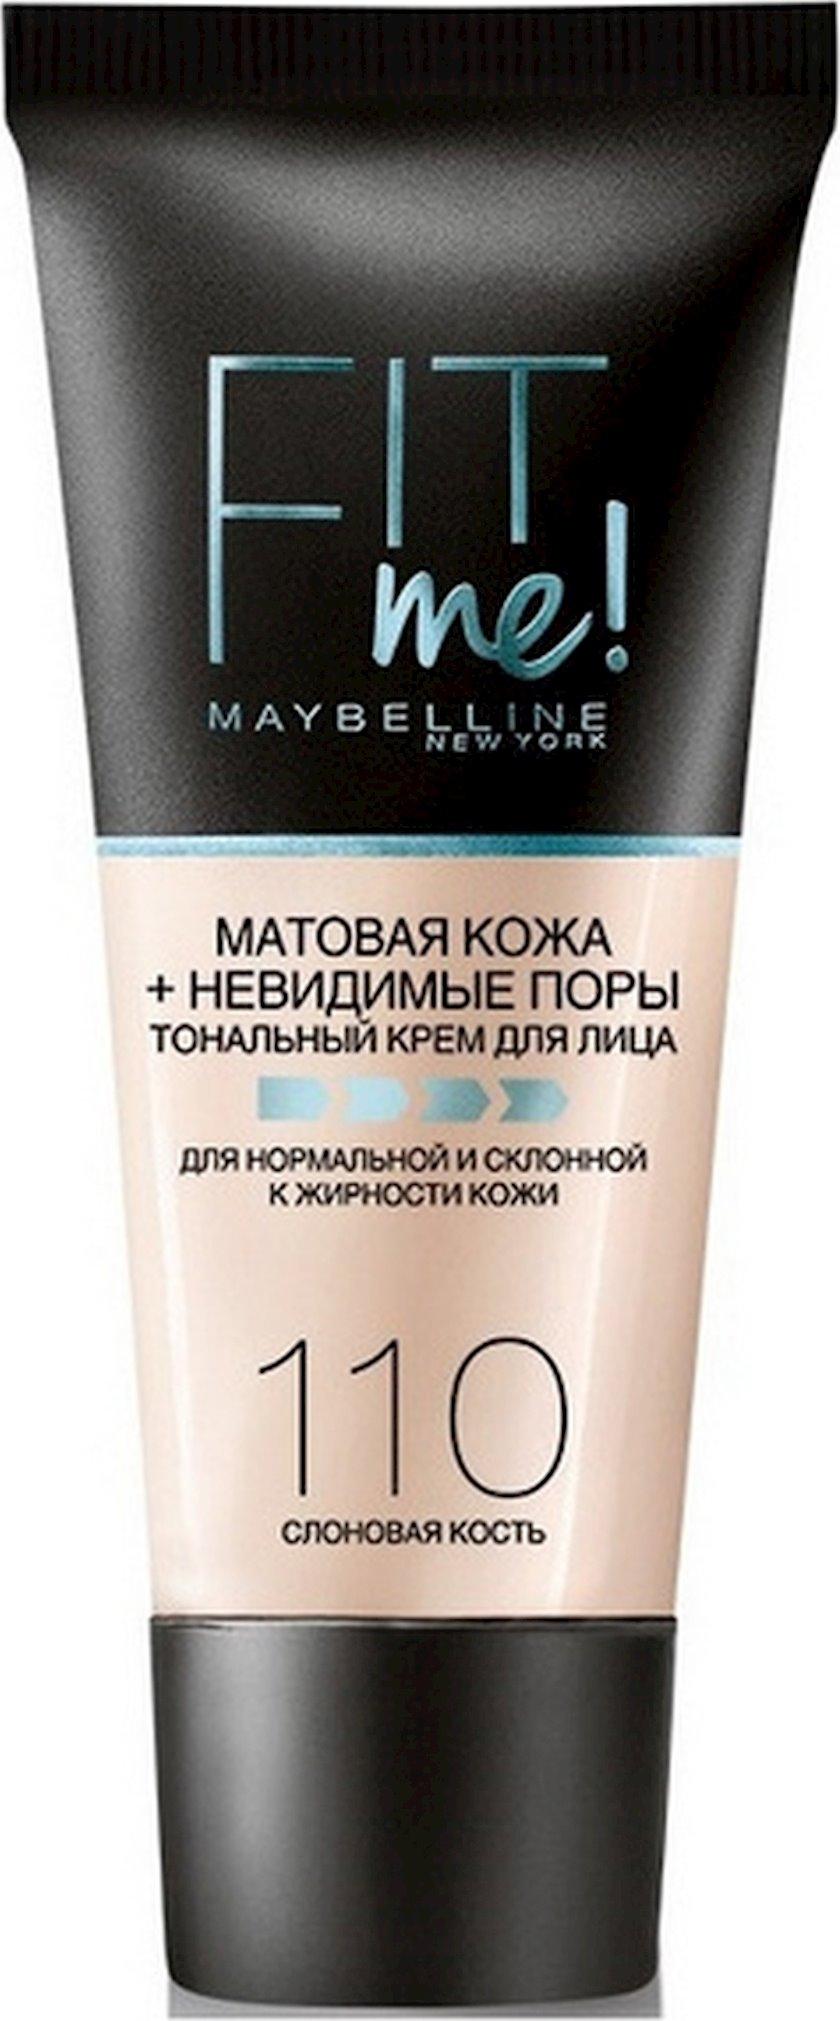 Tonal krem Maybelline New York Fit Me Mat dəri + görünməyən məsamələr 110 Fil sümüyü 30 ml